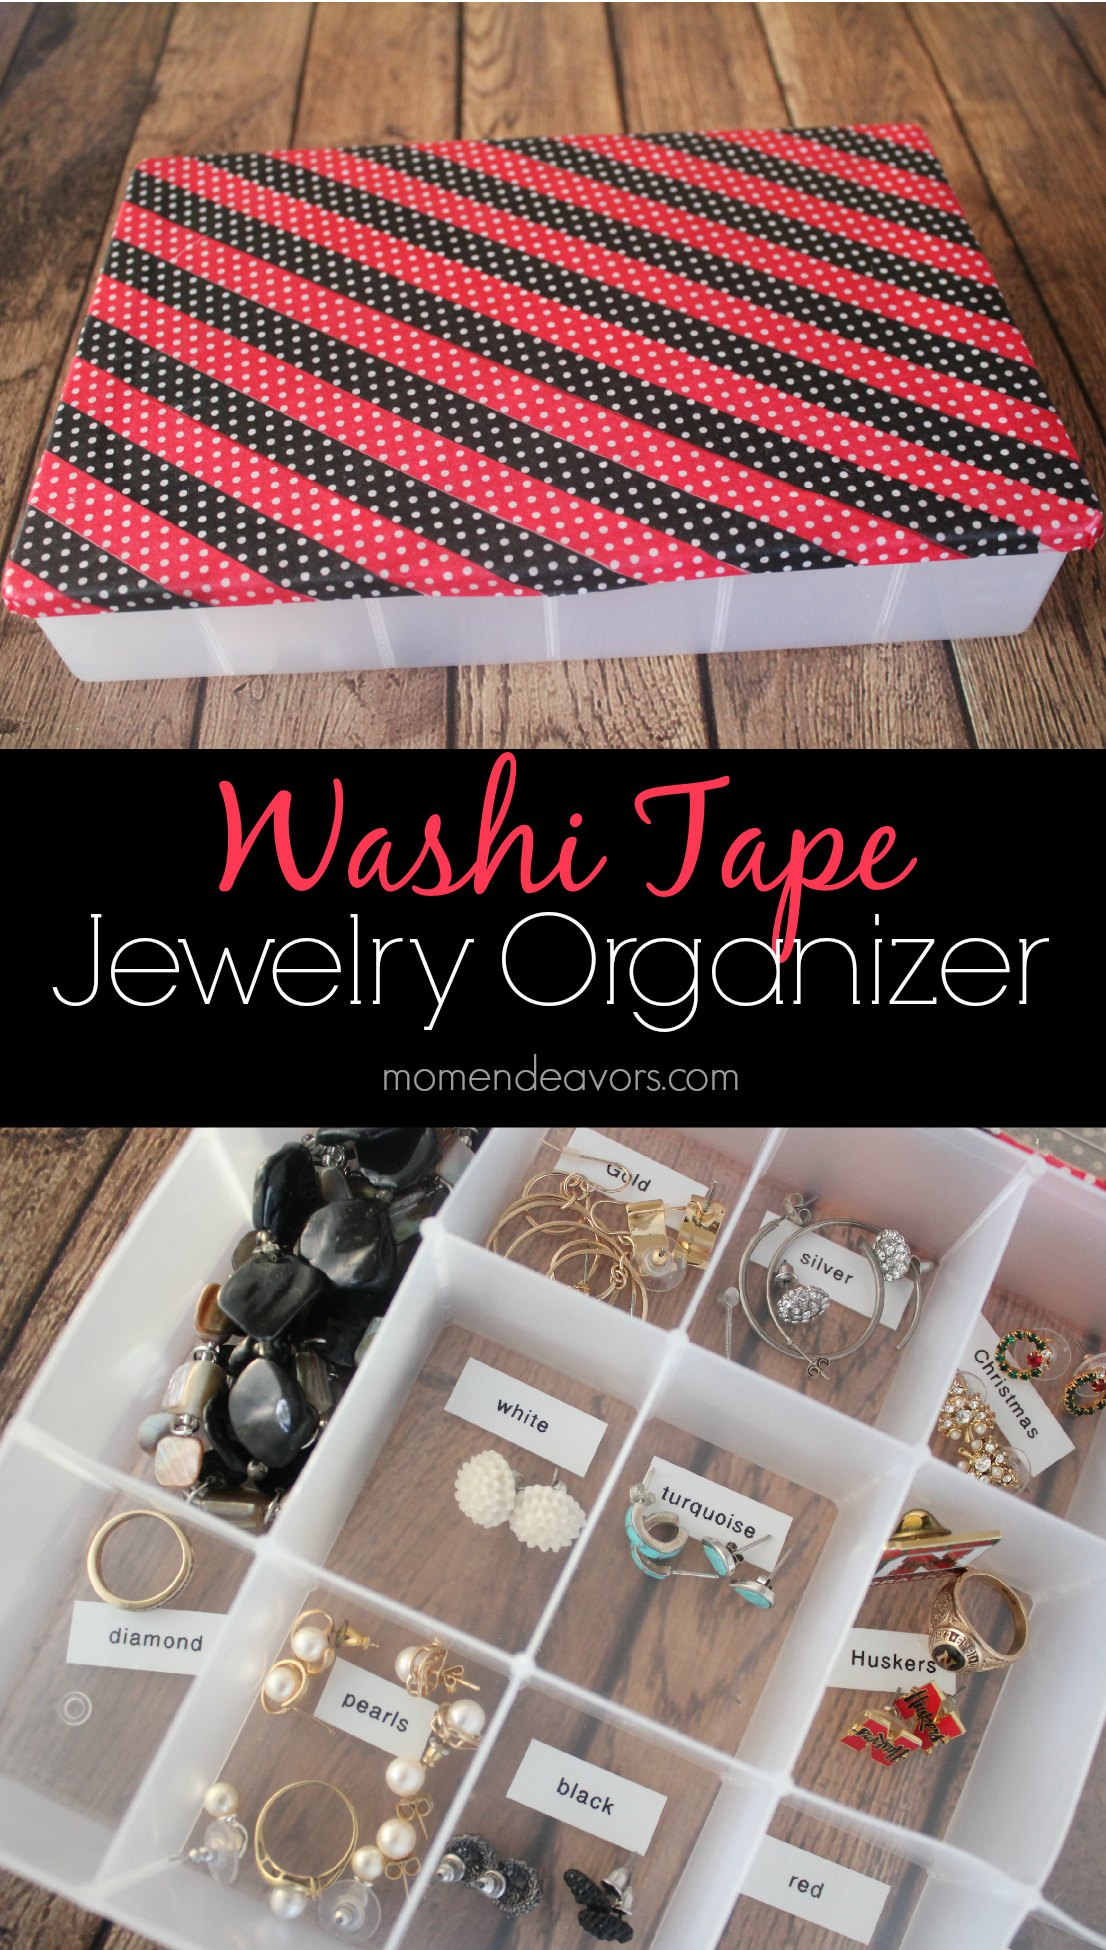 Washi Tape Jewelry Organizer